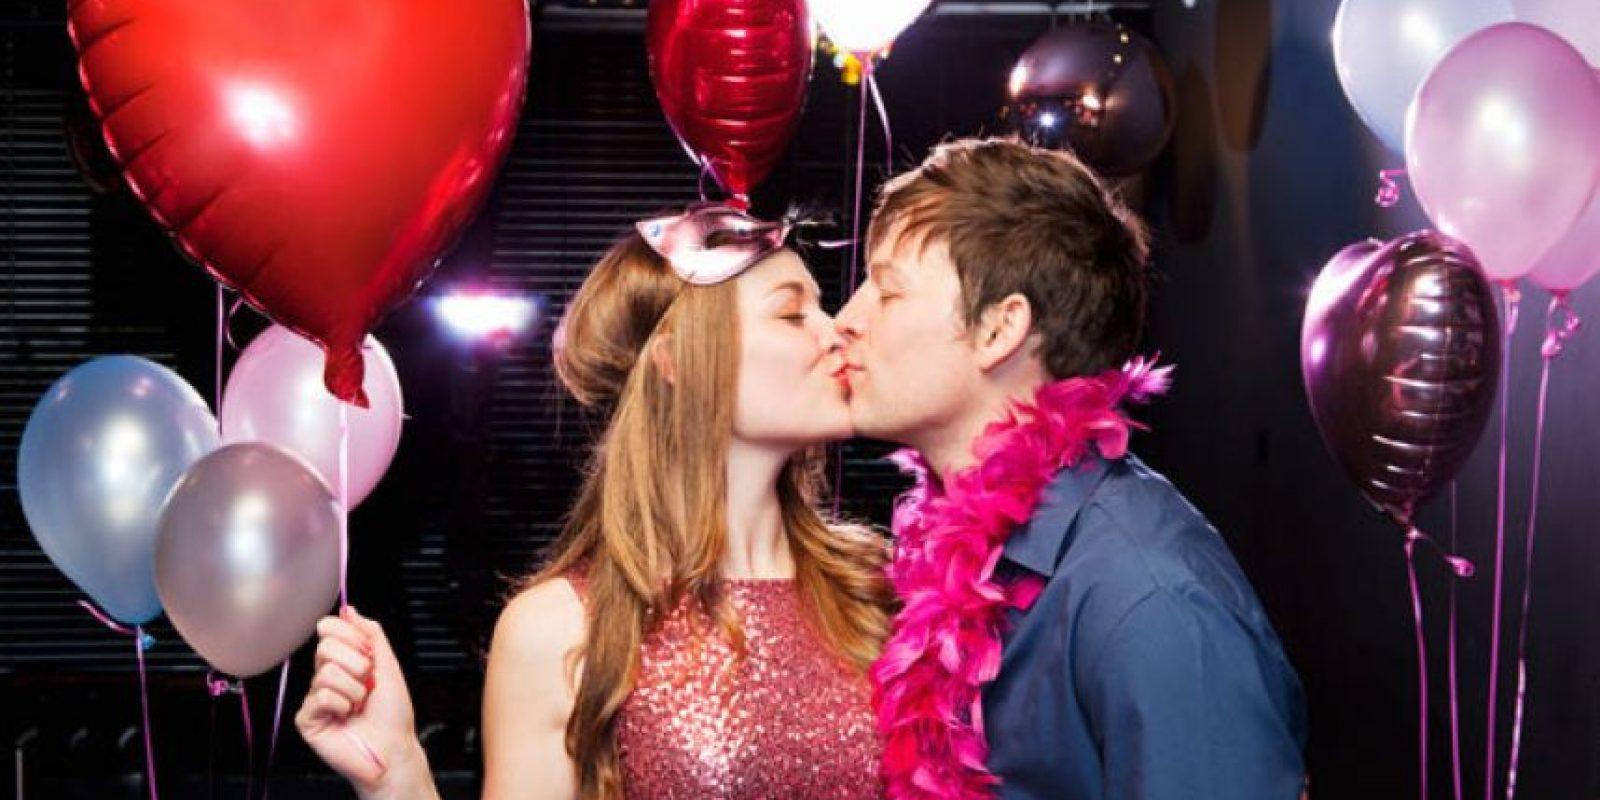 Pareja celebrando el Día de San Valentín Foto:Shutter